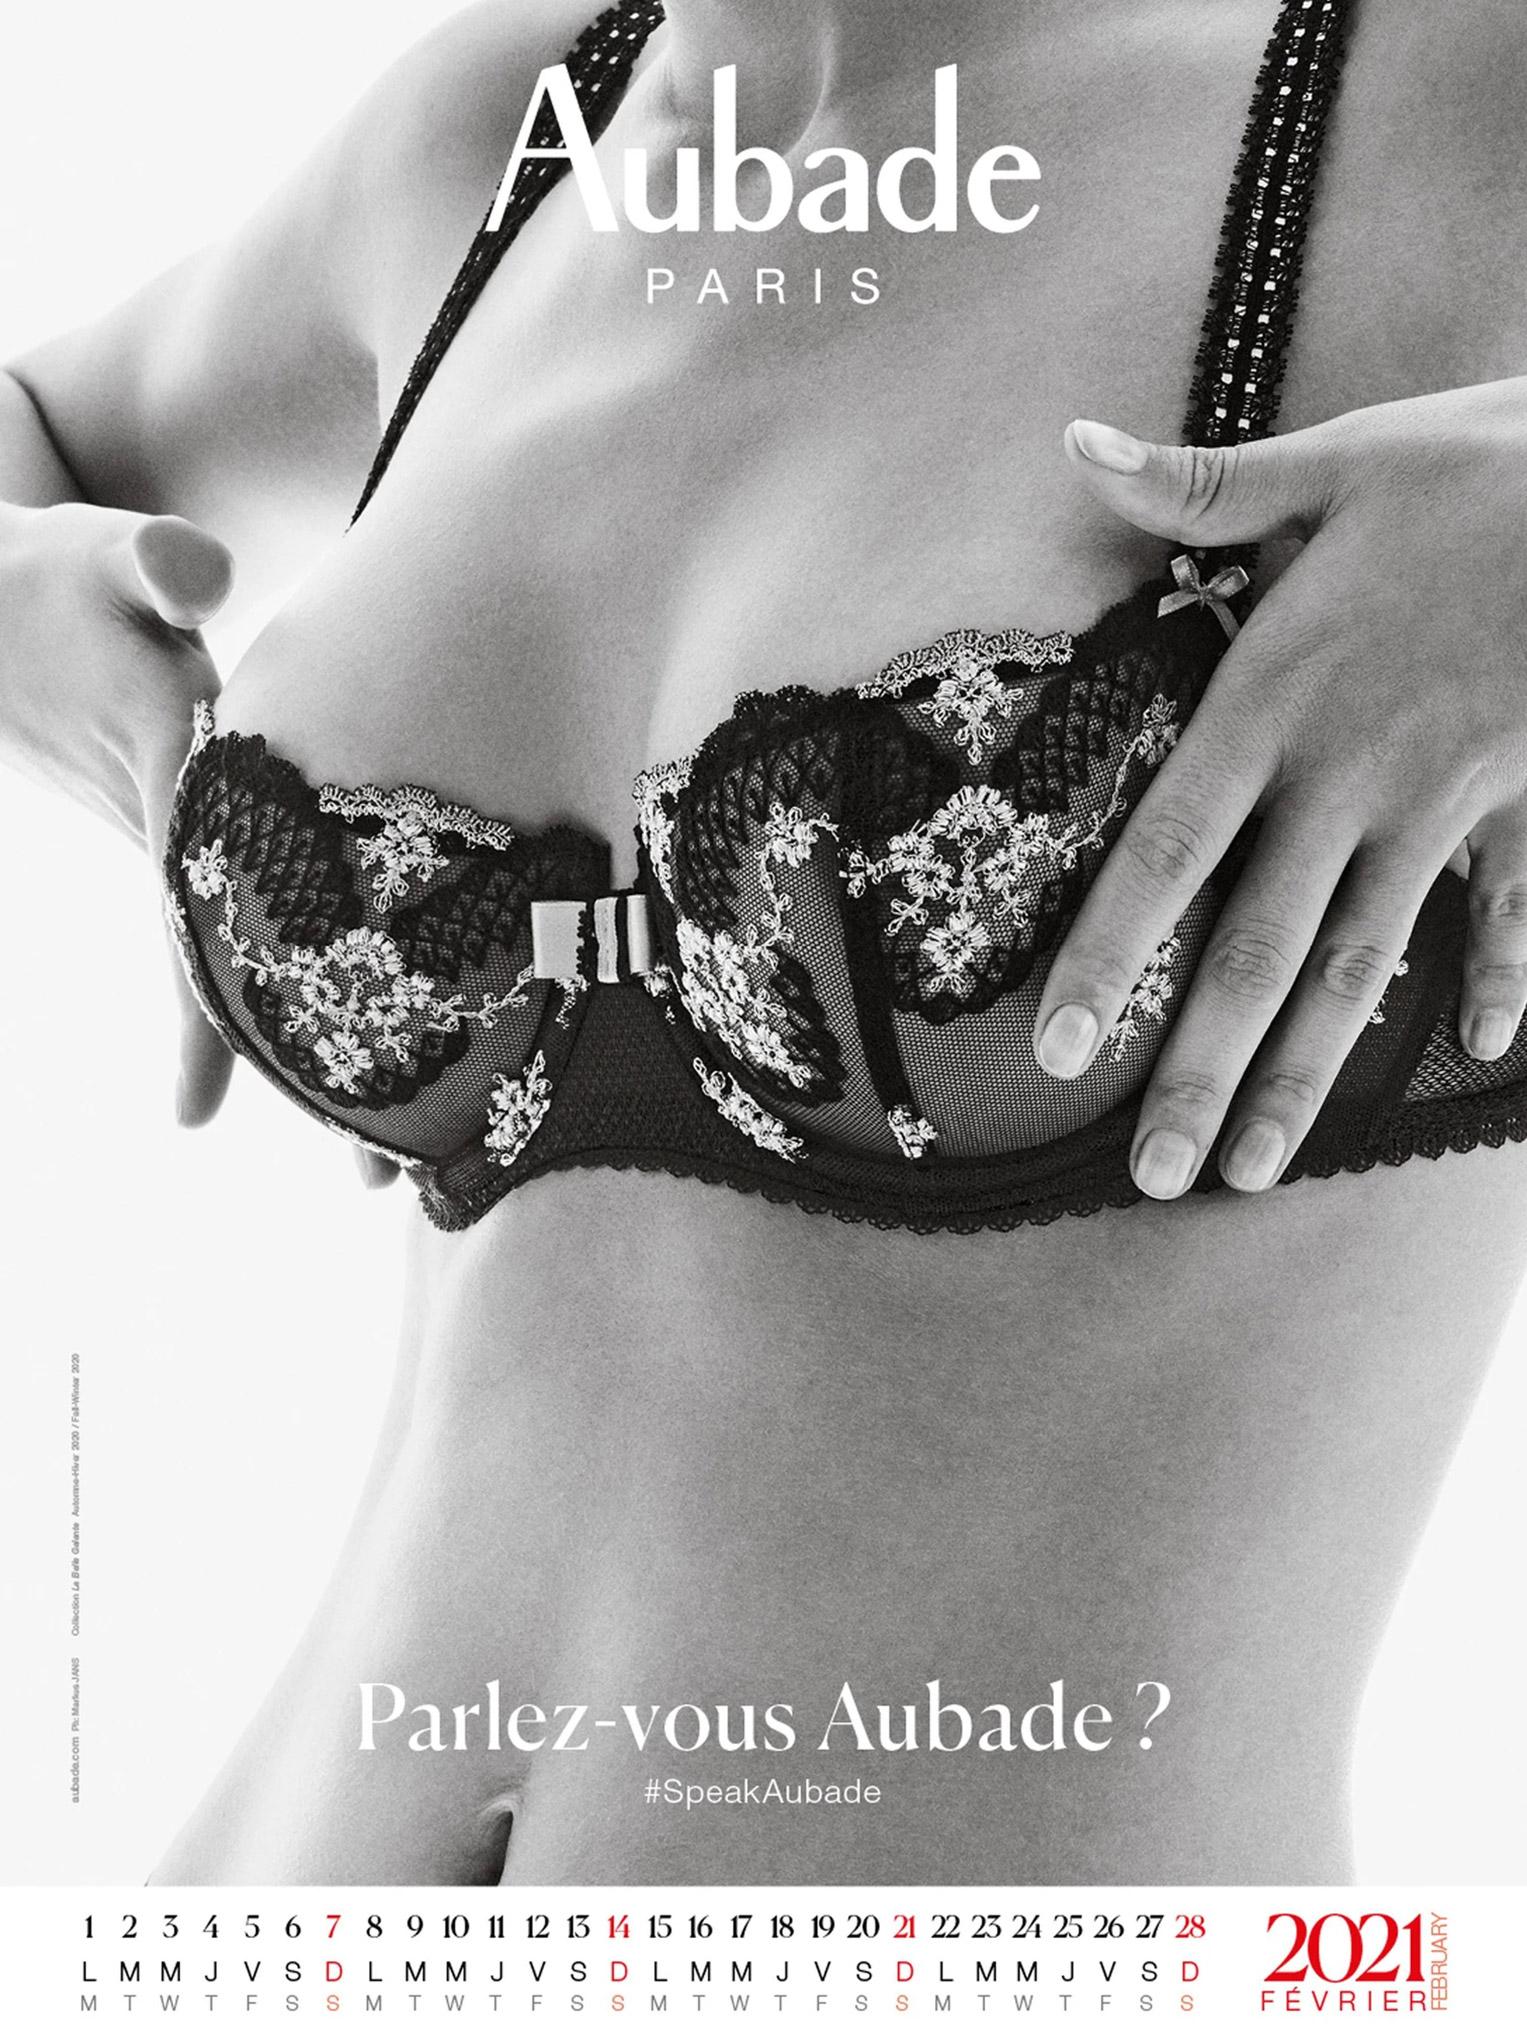 календарь французского производителя нижнего белья Aubade на 2021 год / февраль